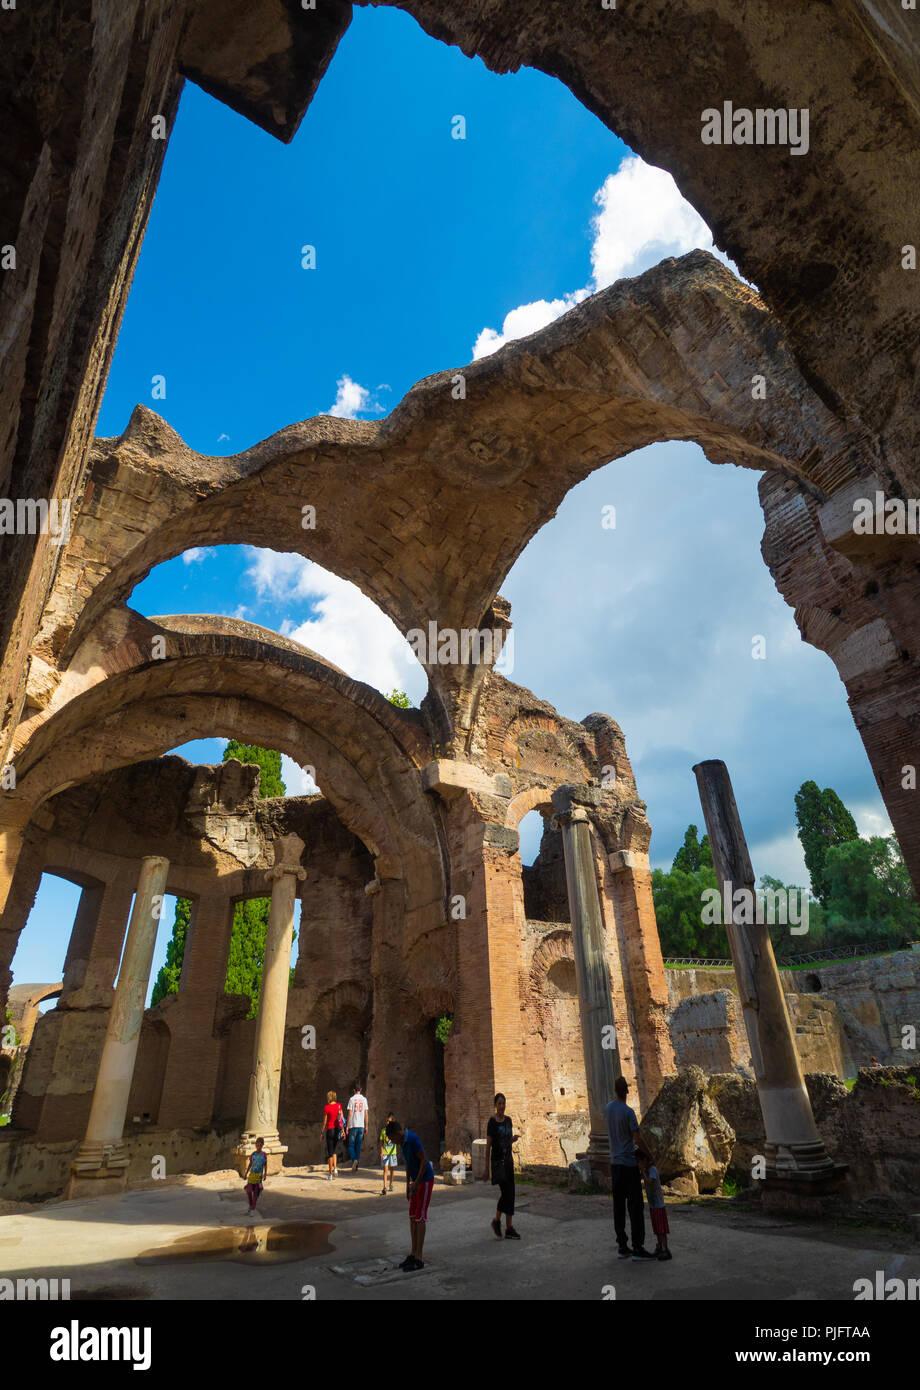 Province Of Lazio Stock Photos & Province Of Lazio Stock